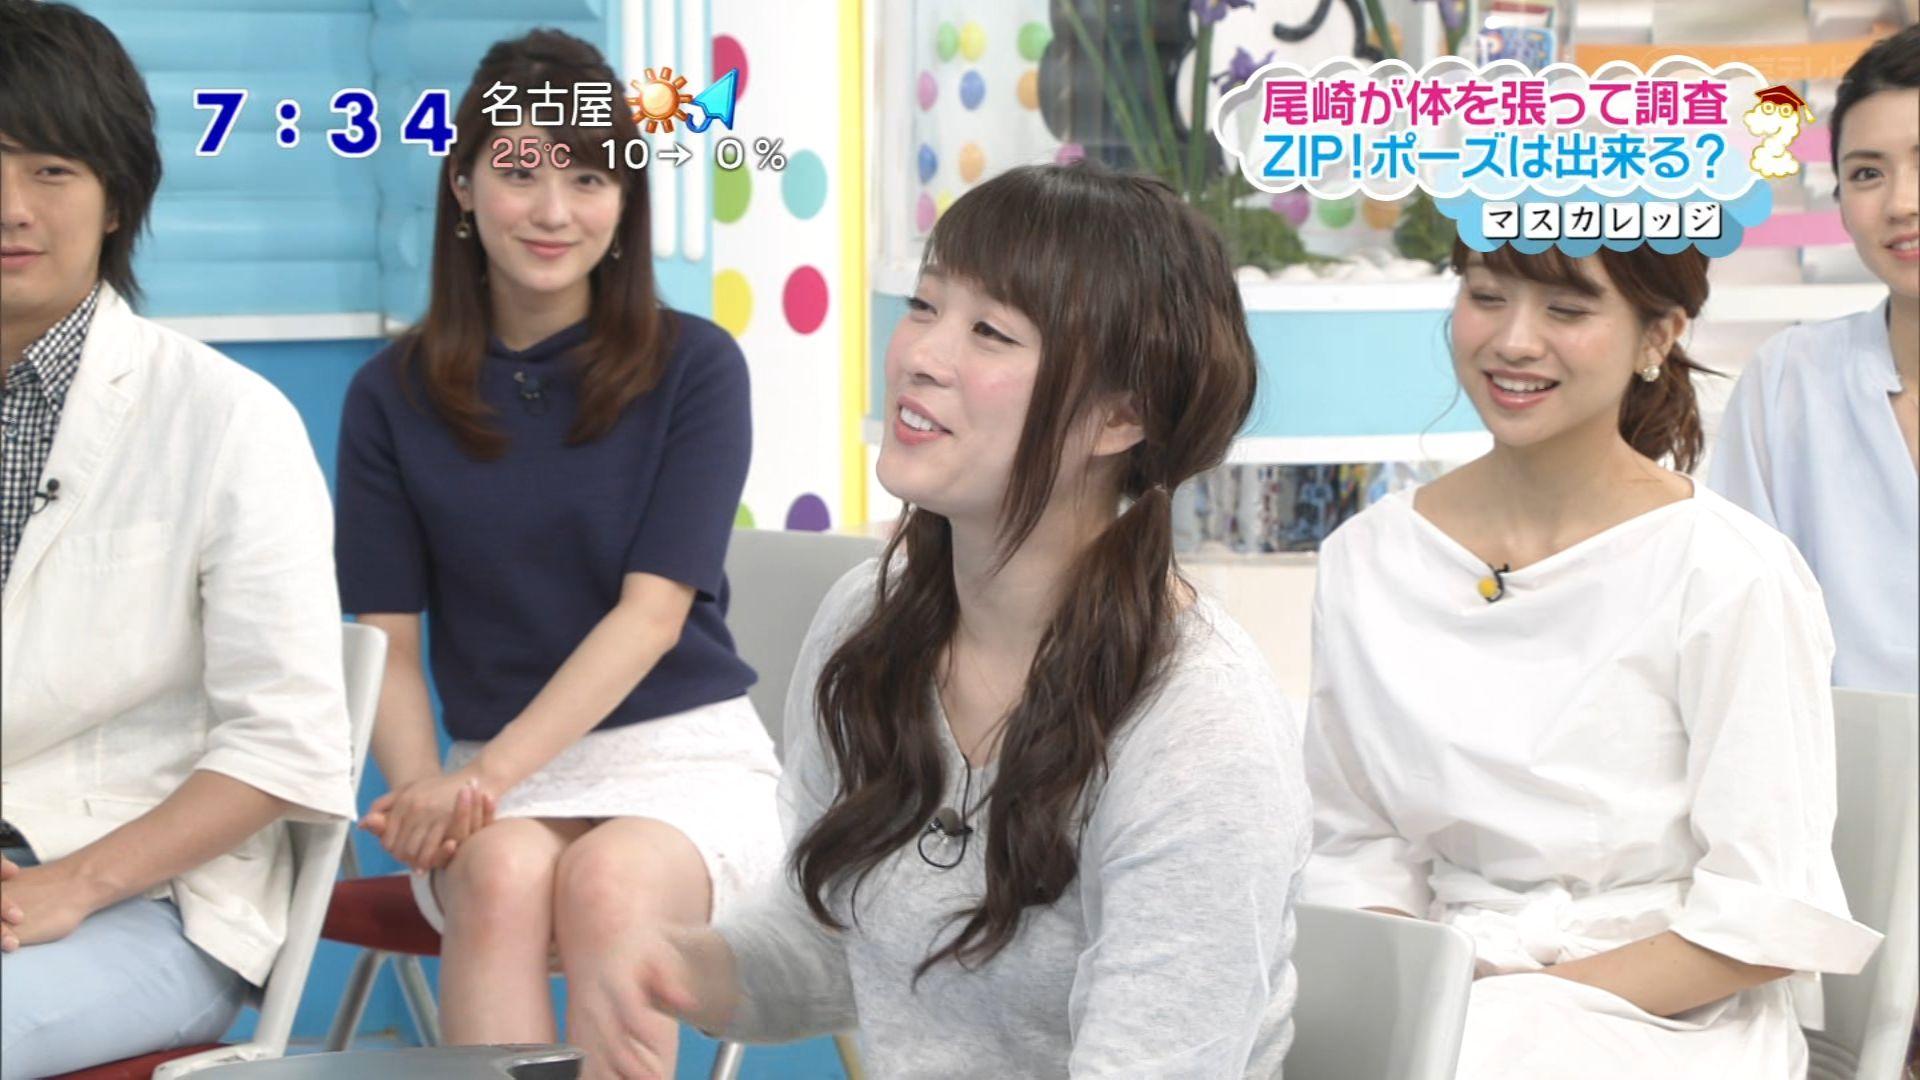 日テレ「ZIP!」、ミニスカートで座ってパンチラしてる郡司恭子アナ